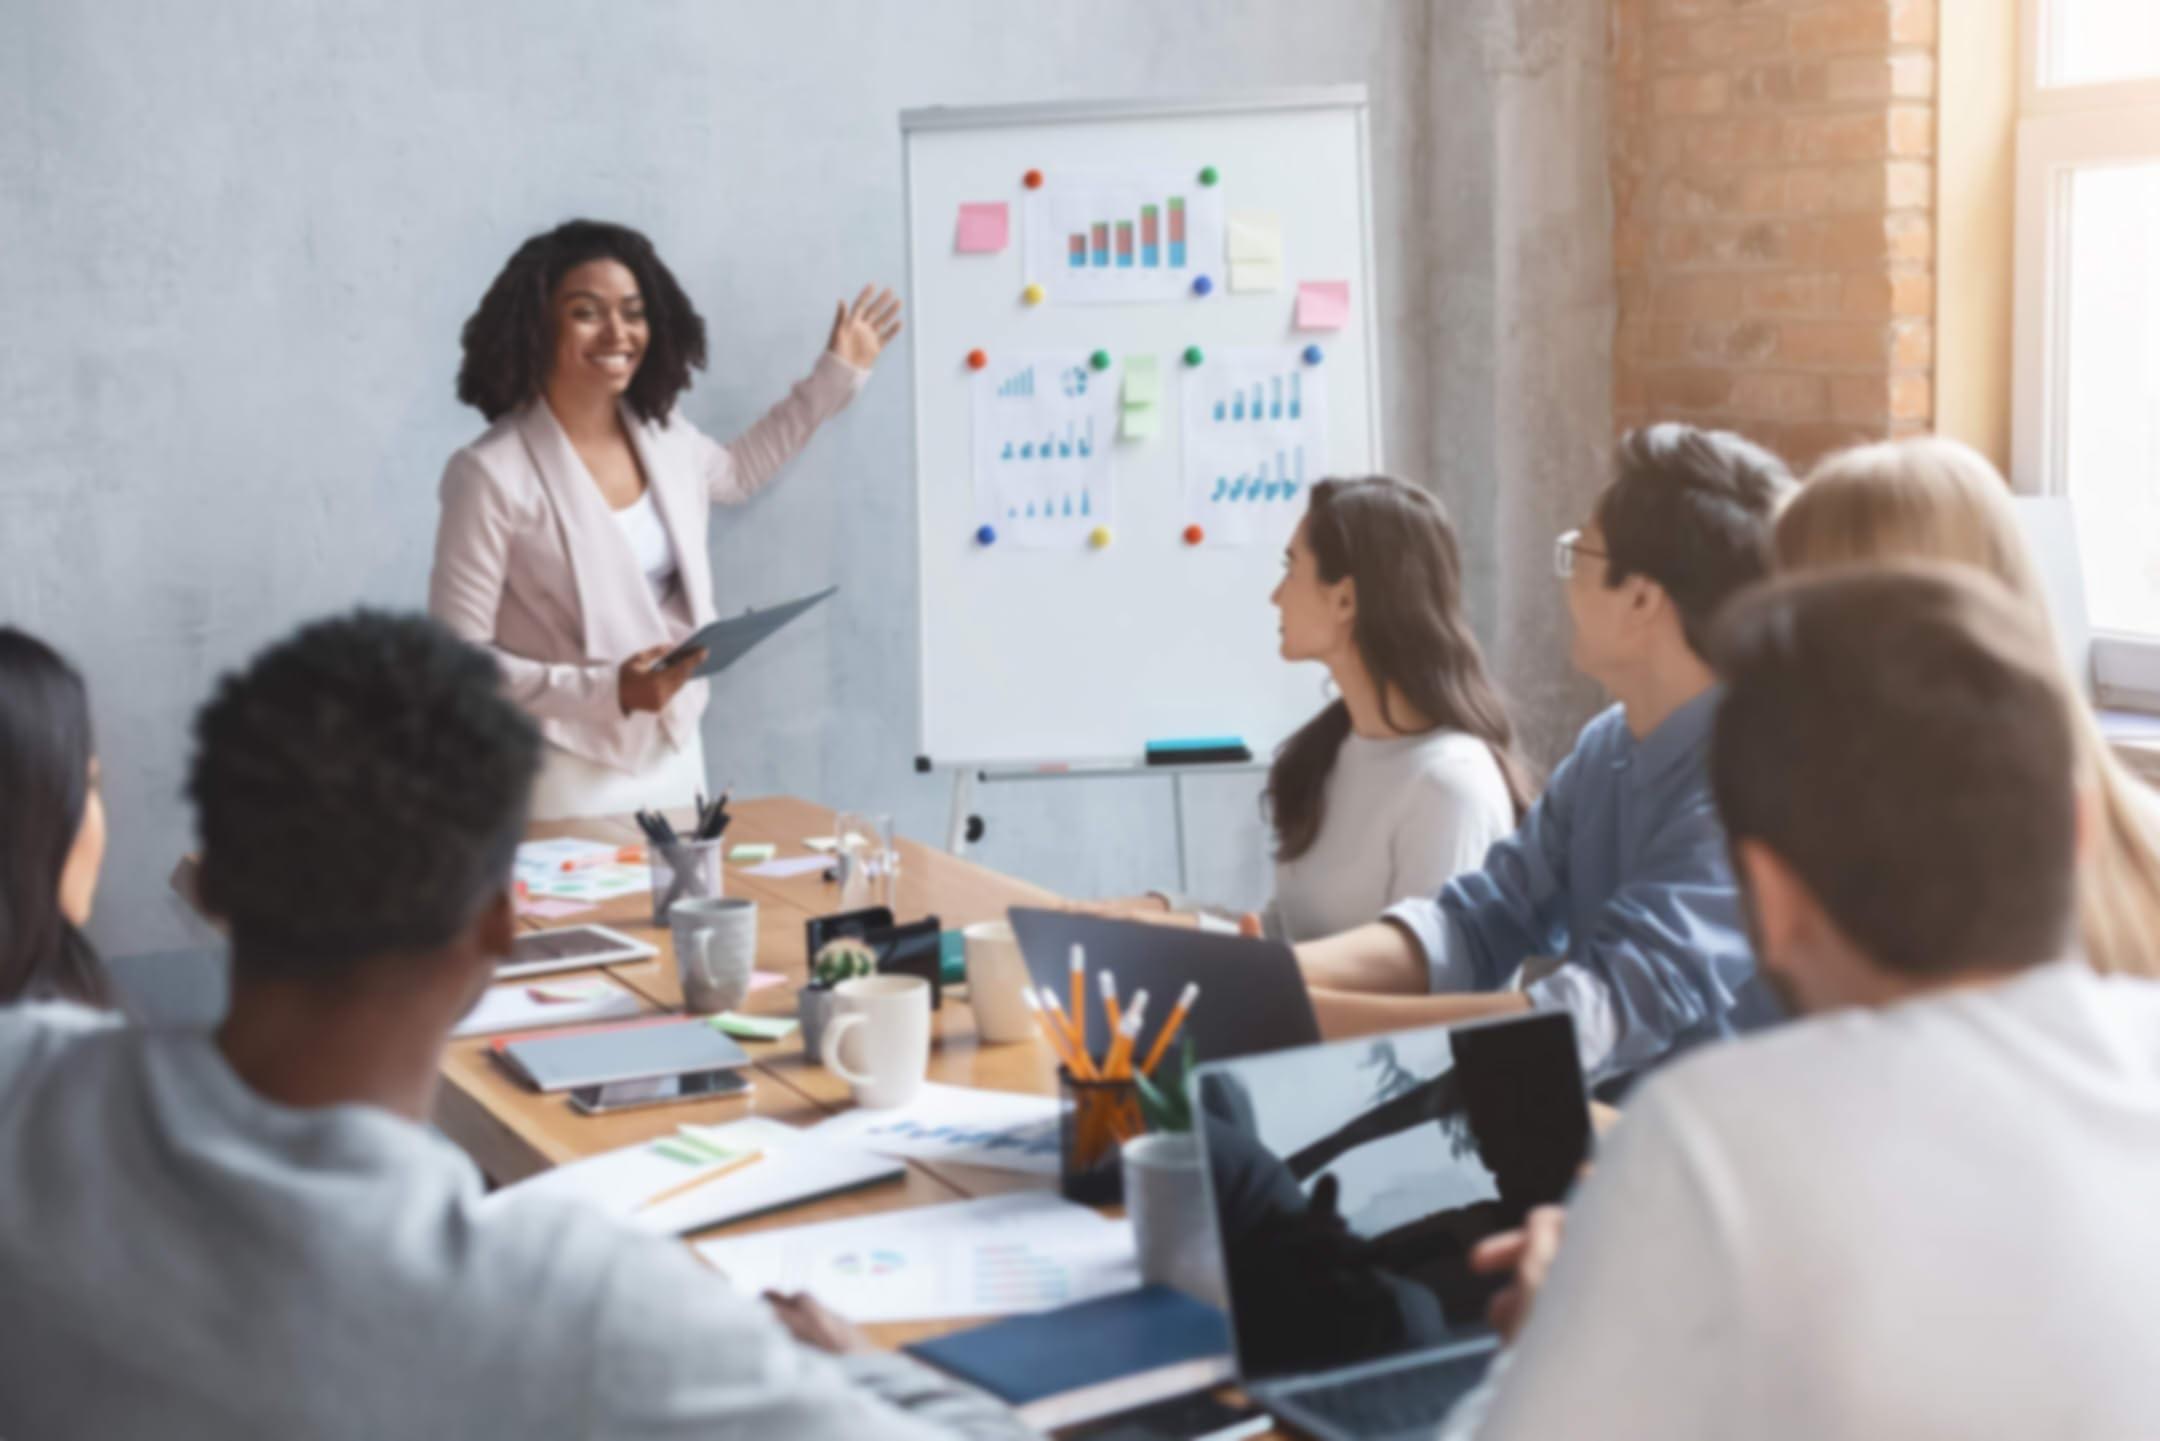 站在白板旁边的女子向坐在会议桌旁的人们讲话。